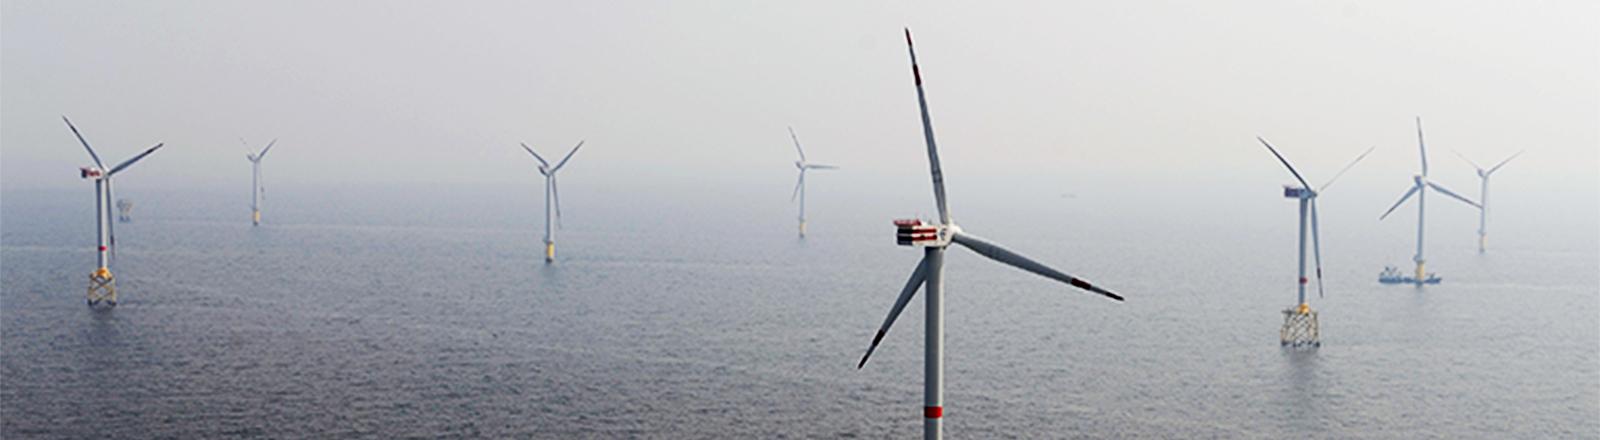 """Die Luftaufnahme vom 21.08.2013 zeigt den Versuchs-Offshore-Windpark """"Alpha Ventus"""" vor der ostfriesischen Insel Borkum (Niedersachsen) in der Nordsee. """"Alpha Ventus"""" produziert mehr Strom als erwartet und gilt als Vorzeigeobjekt der Windkraftindustrie."""